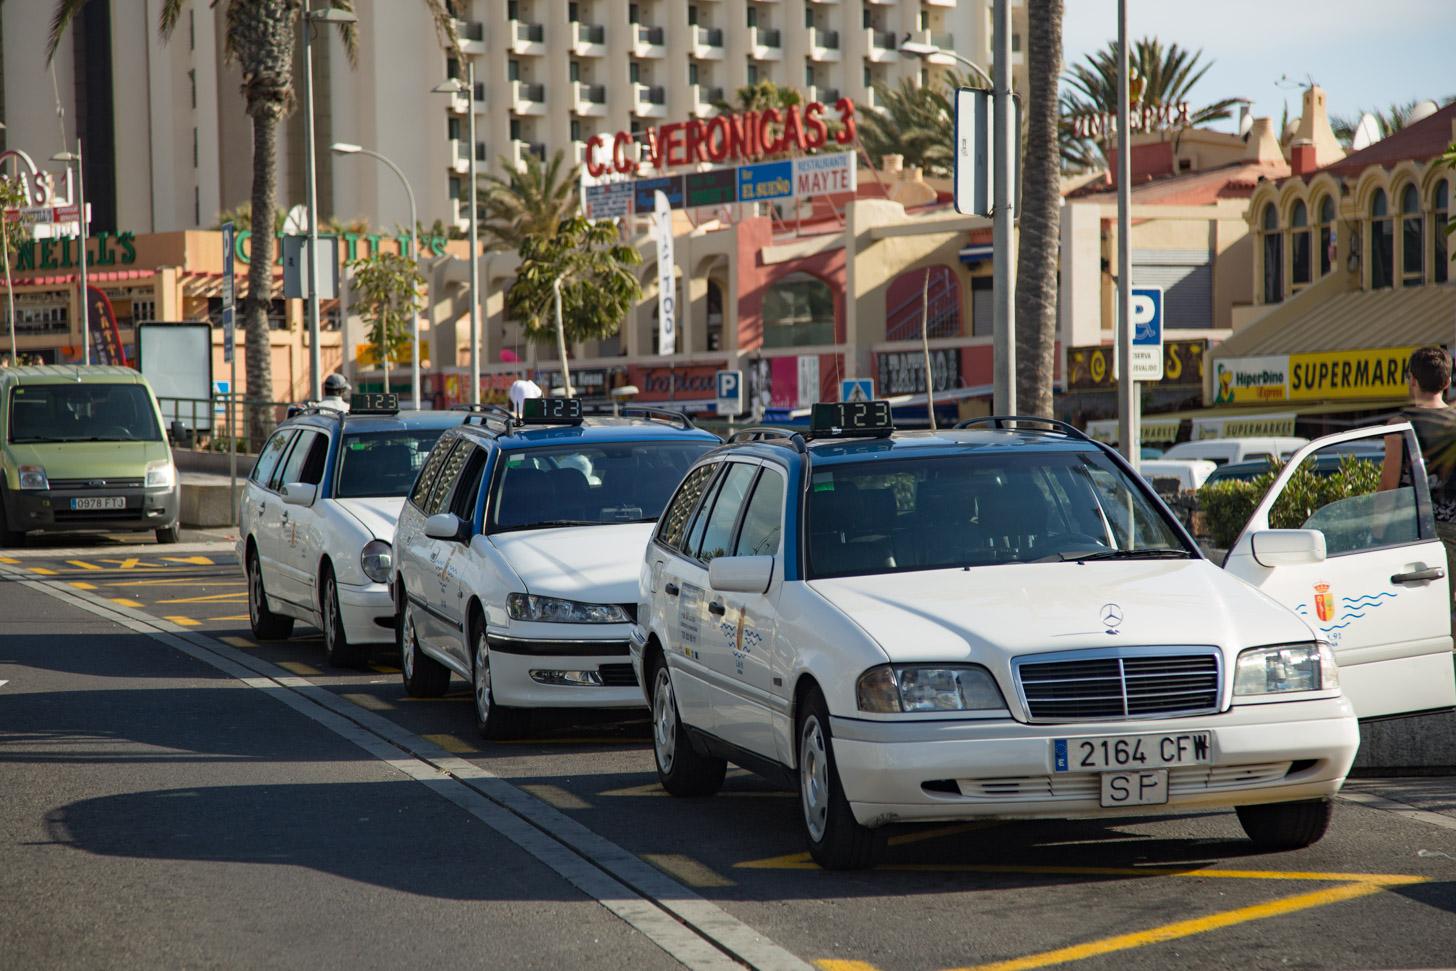 Vervoer op Tenerife, bijvoorbeeld met de taxi